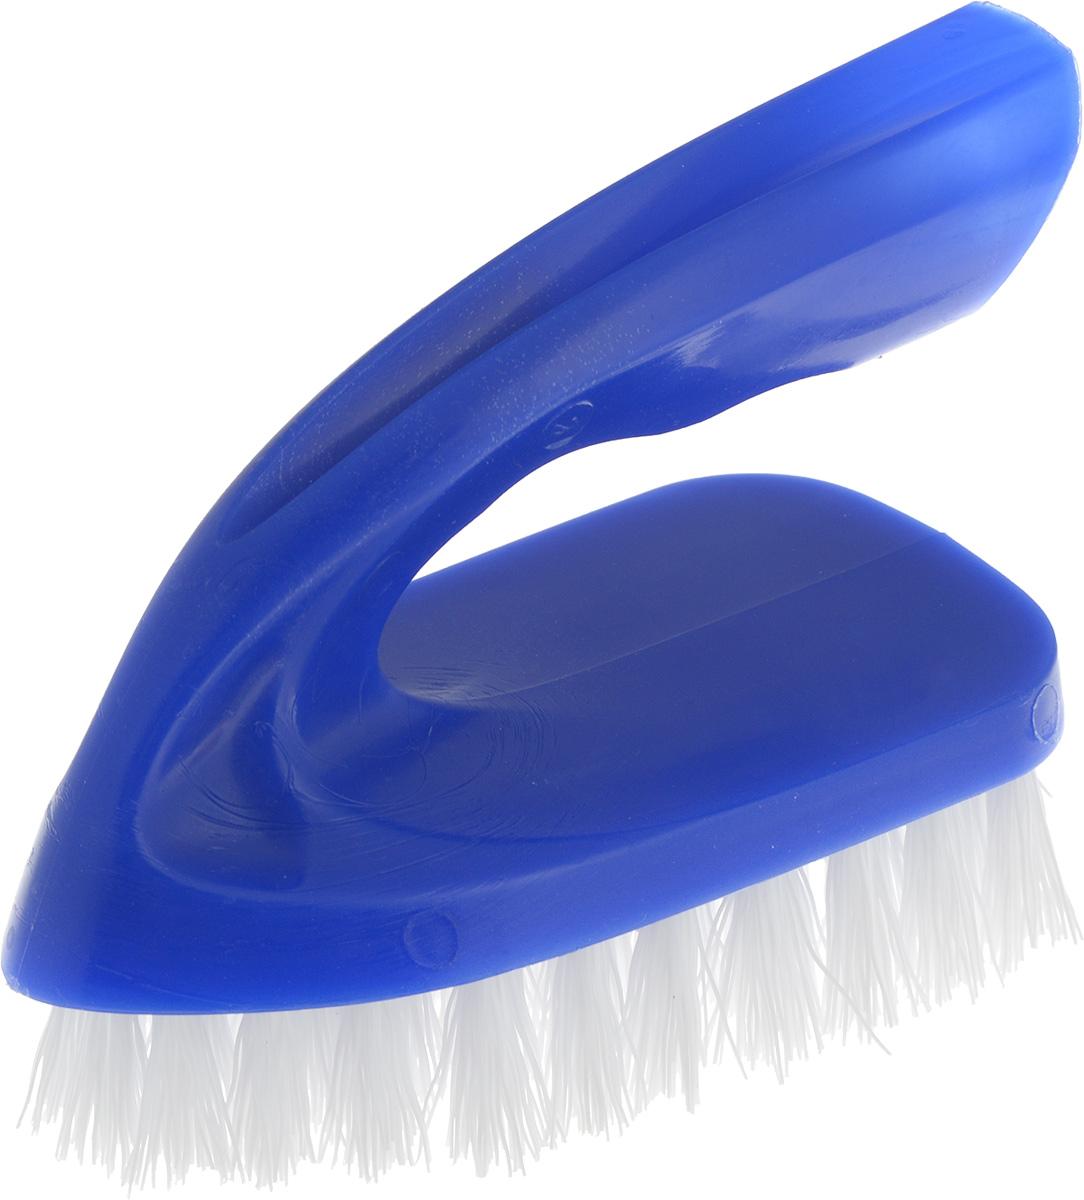 Щетка для одежды Svip Утюжок Миди. Классика, цвет: синий, белый, 10 х 6 х 8,5 смSV3112СНЩетка Svip Утюжок Миди. Классика, изготовлена из высокопрочного пластика ипредназначена для удаления ворсинок, волос, пыли и шерсти животных, с различныхповерхностей. Может использоваться для мягкой мебели и салона автомобиля.Ручка, расположенная сверху, сделана как у утюжка, которая обеспечивает удобство при работе сней.Щетина средней жесткости не повреждает поверхность. Благодаря качественной щетине, щетка прослужит долгое время.Щетка Svip Утюжок Миди. Классика, станет незаменимым аксессуаром в вашем доме или автомобиле.Длина щетины: 2,5 см, Размер щетки: 10 х 6 х 8,5 см.